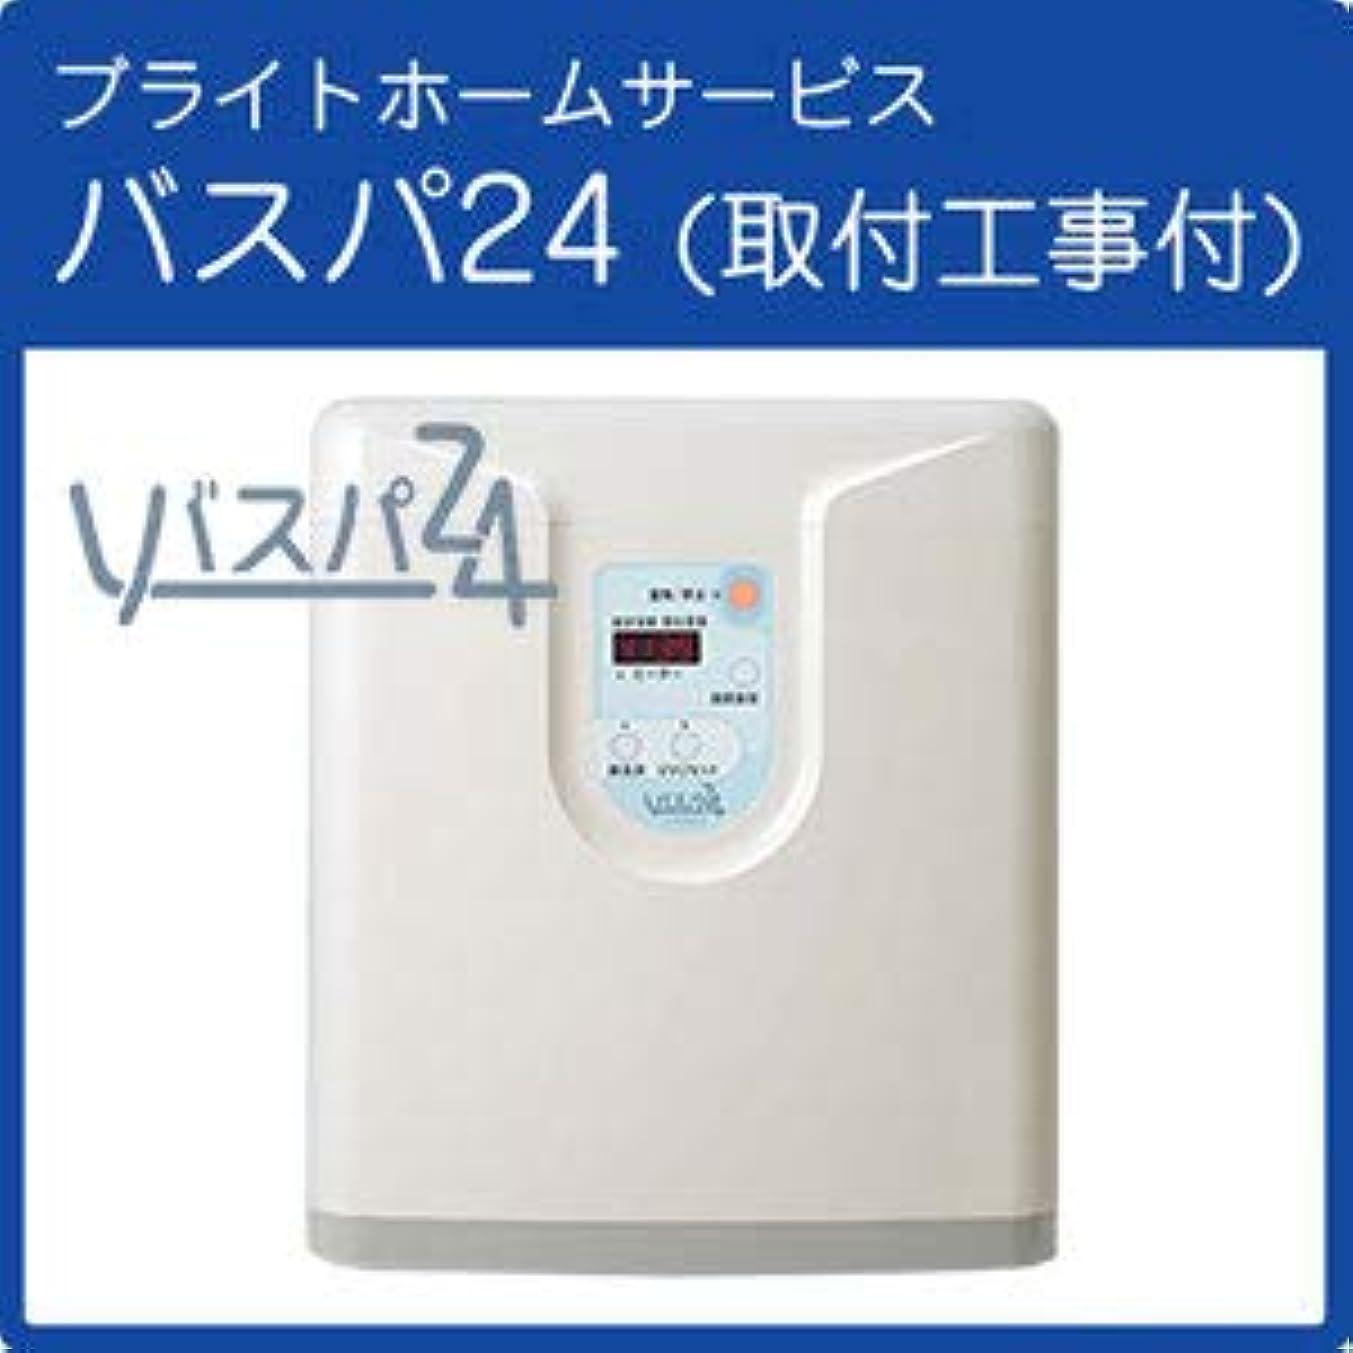 ドキドキ戦略気がついてブライトホームサービス 24時間風呂 循環温浴器 バスパ24 BHS-02B お取付工事付